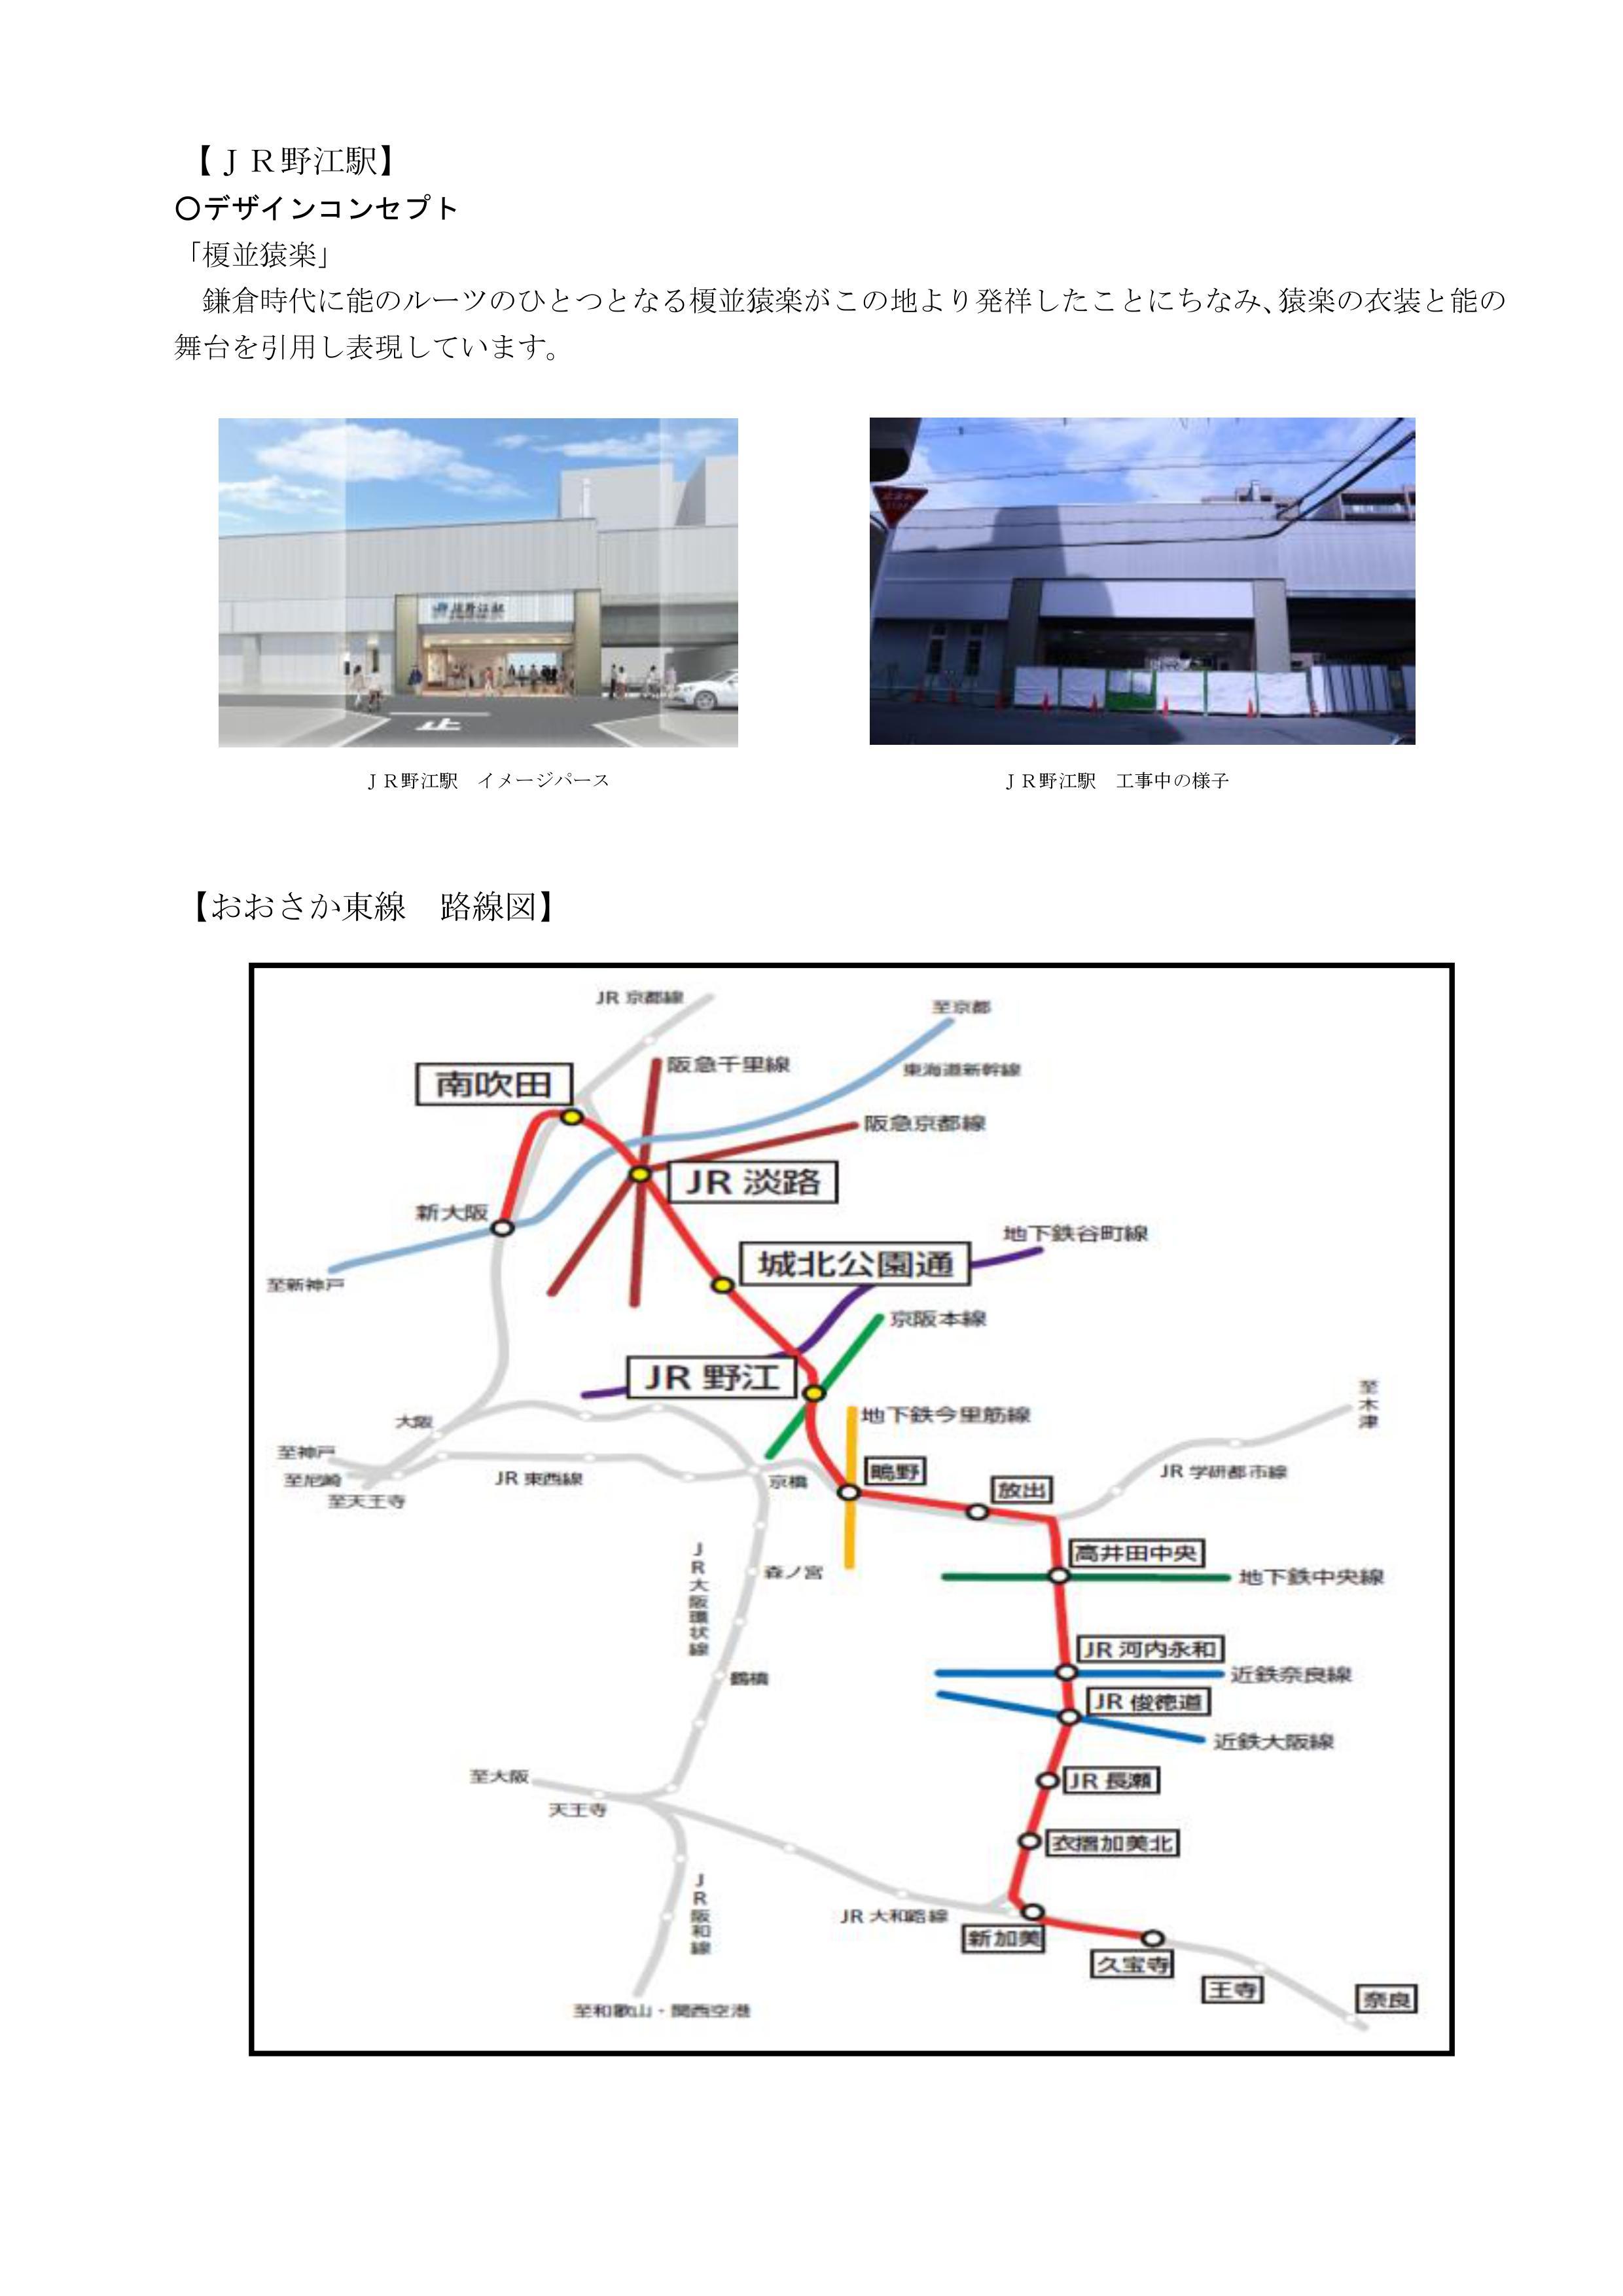 南吹田駅 路線図